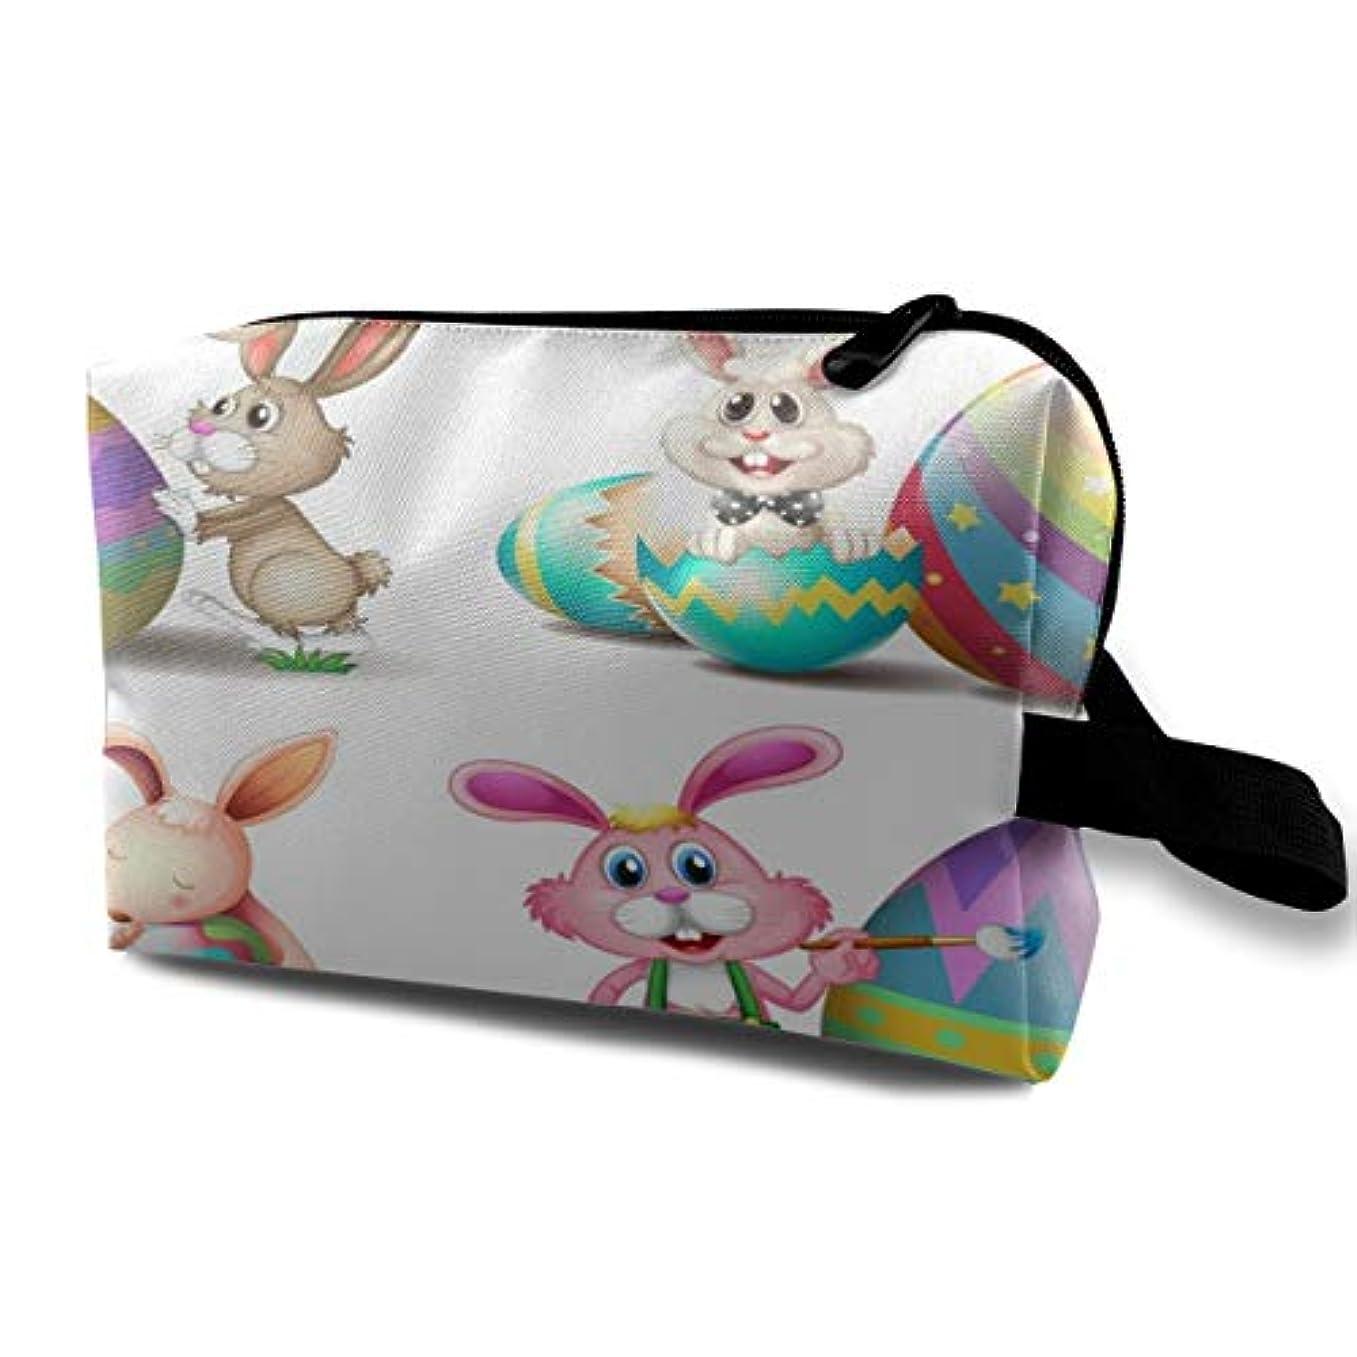 感じ繊維いたずらなBunnies With Easter Eggs 収納ポーチ 化粧ポーチ 大容量 軽量 耐久性 ハンドル付持ち運び便利。入れ 自宅?出張?旅行?アウトドア撮影などに対応。メンズ レディース トラベルグッズ